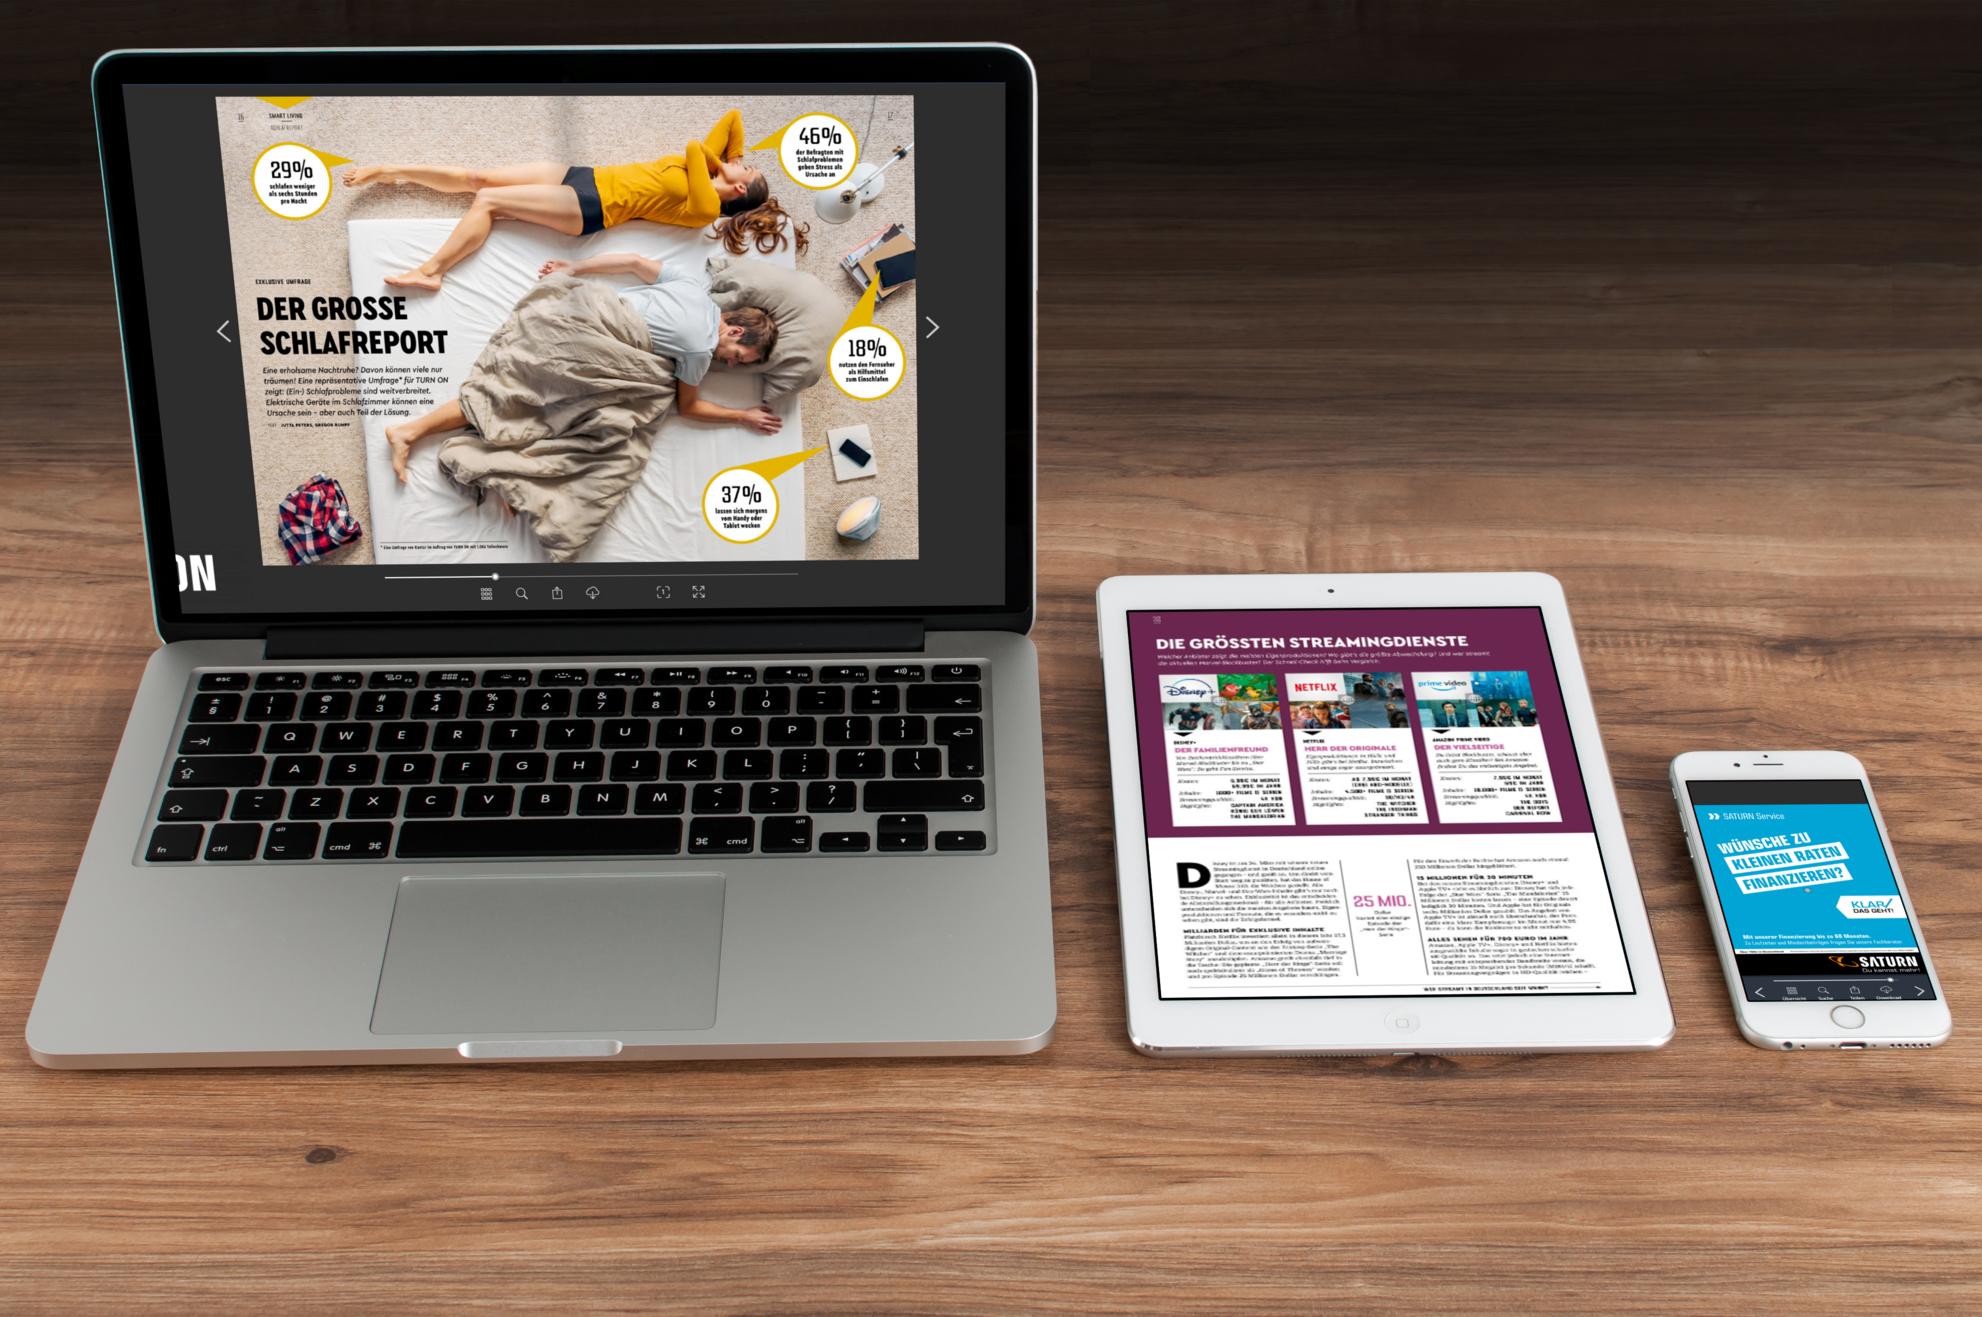 Corporate Publishing mit einem ePaper auf verschiedenen mobilen Endgeräten